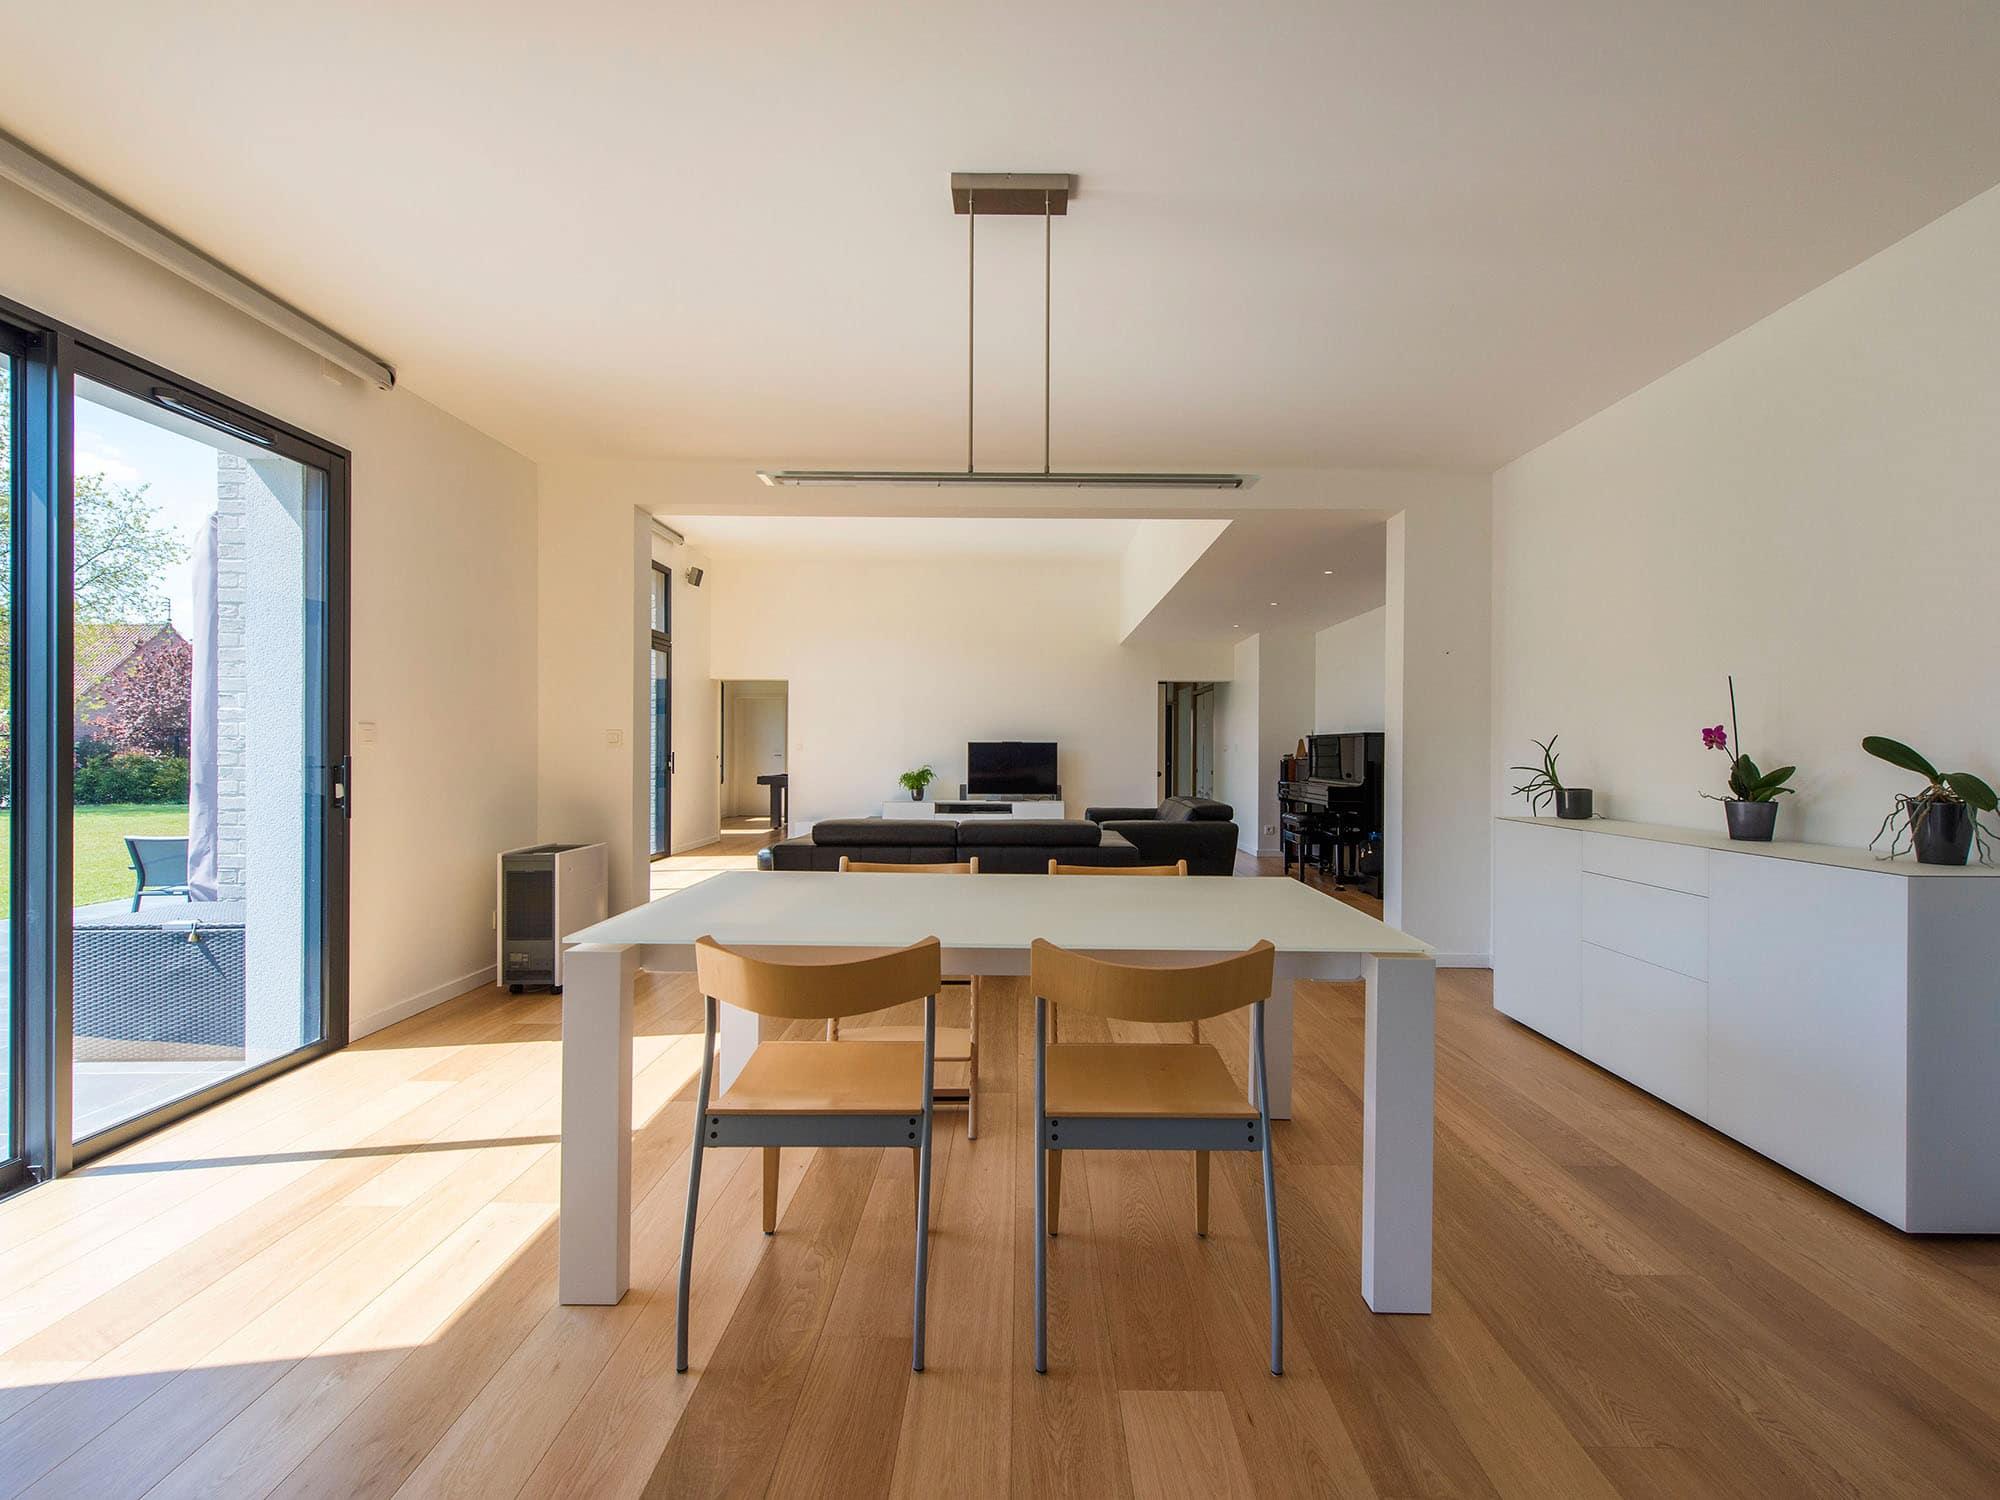 maison cubique moderne interieur